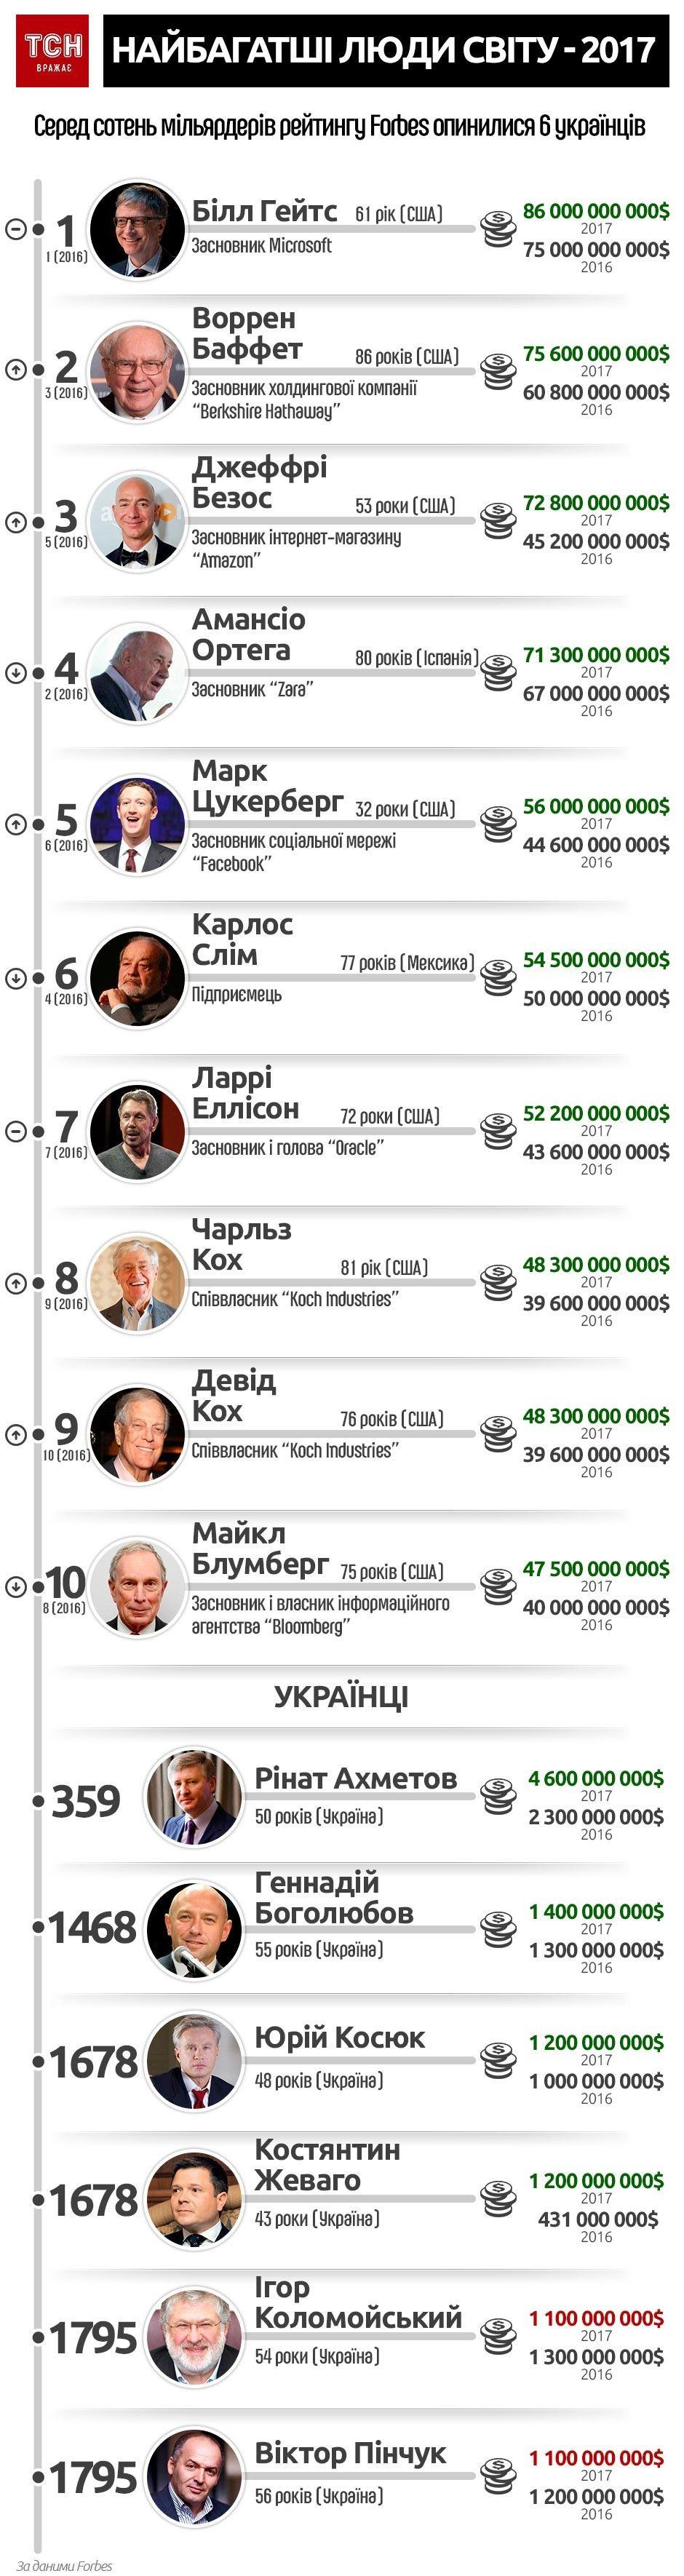 Найбагатші люди світу за версією Forbes, інфографіка